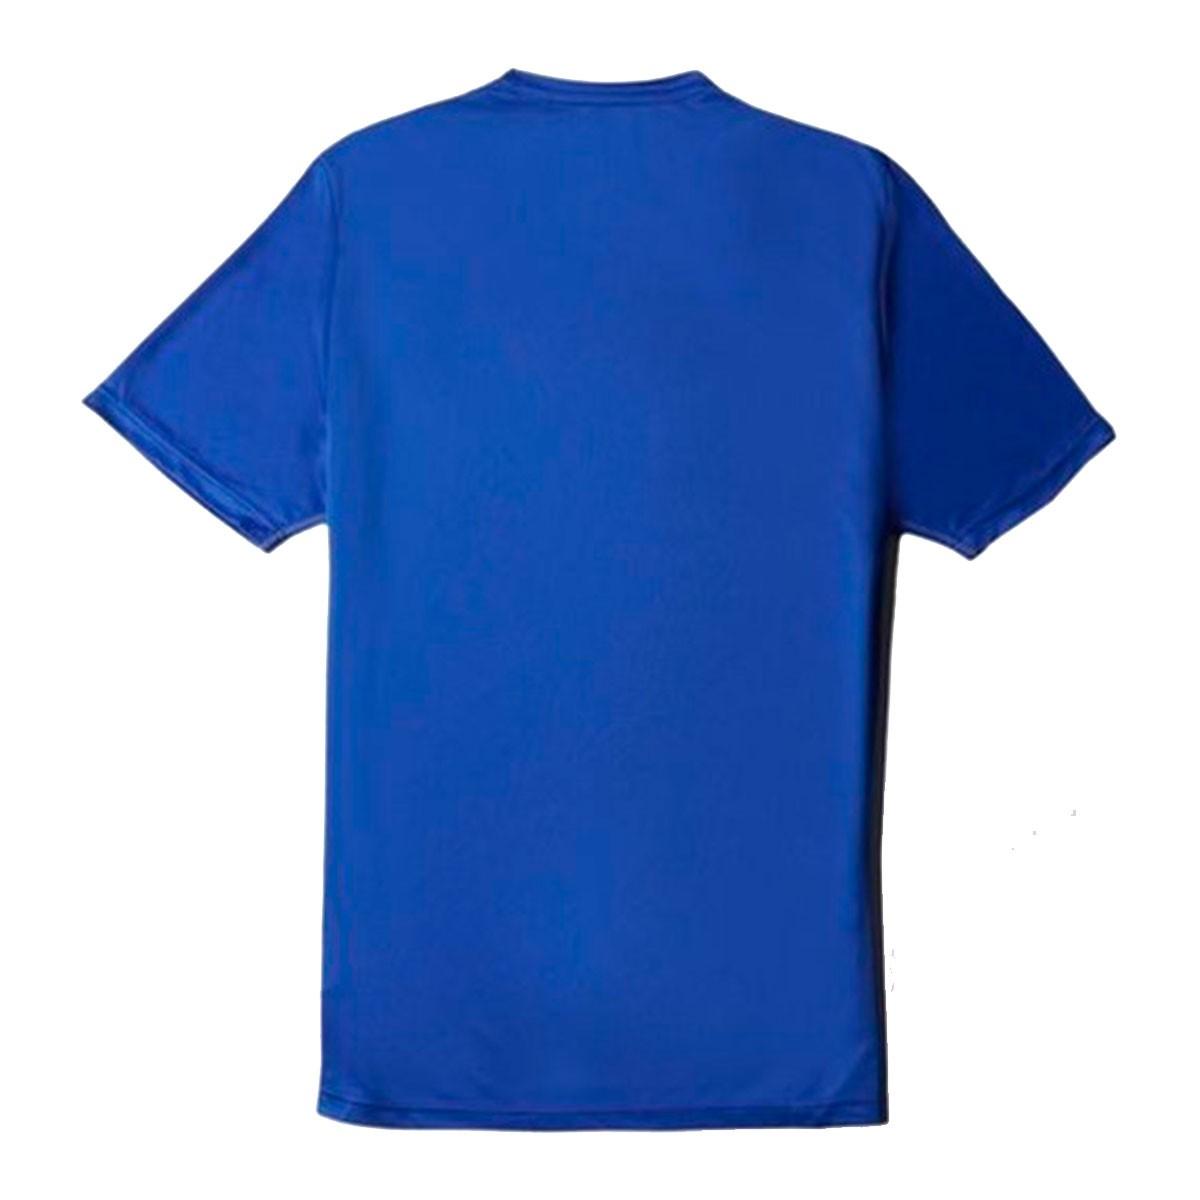 Camisa Treino Adidas Core 15 Masculino Azul